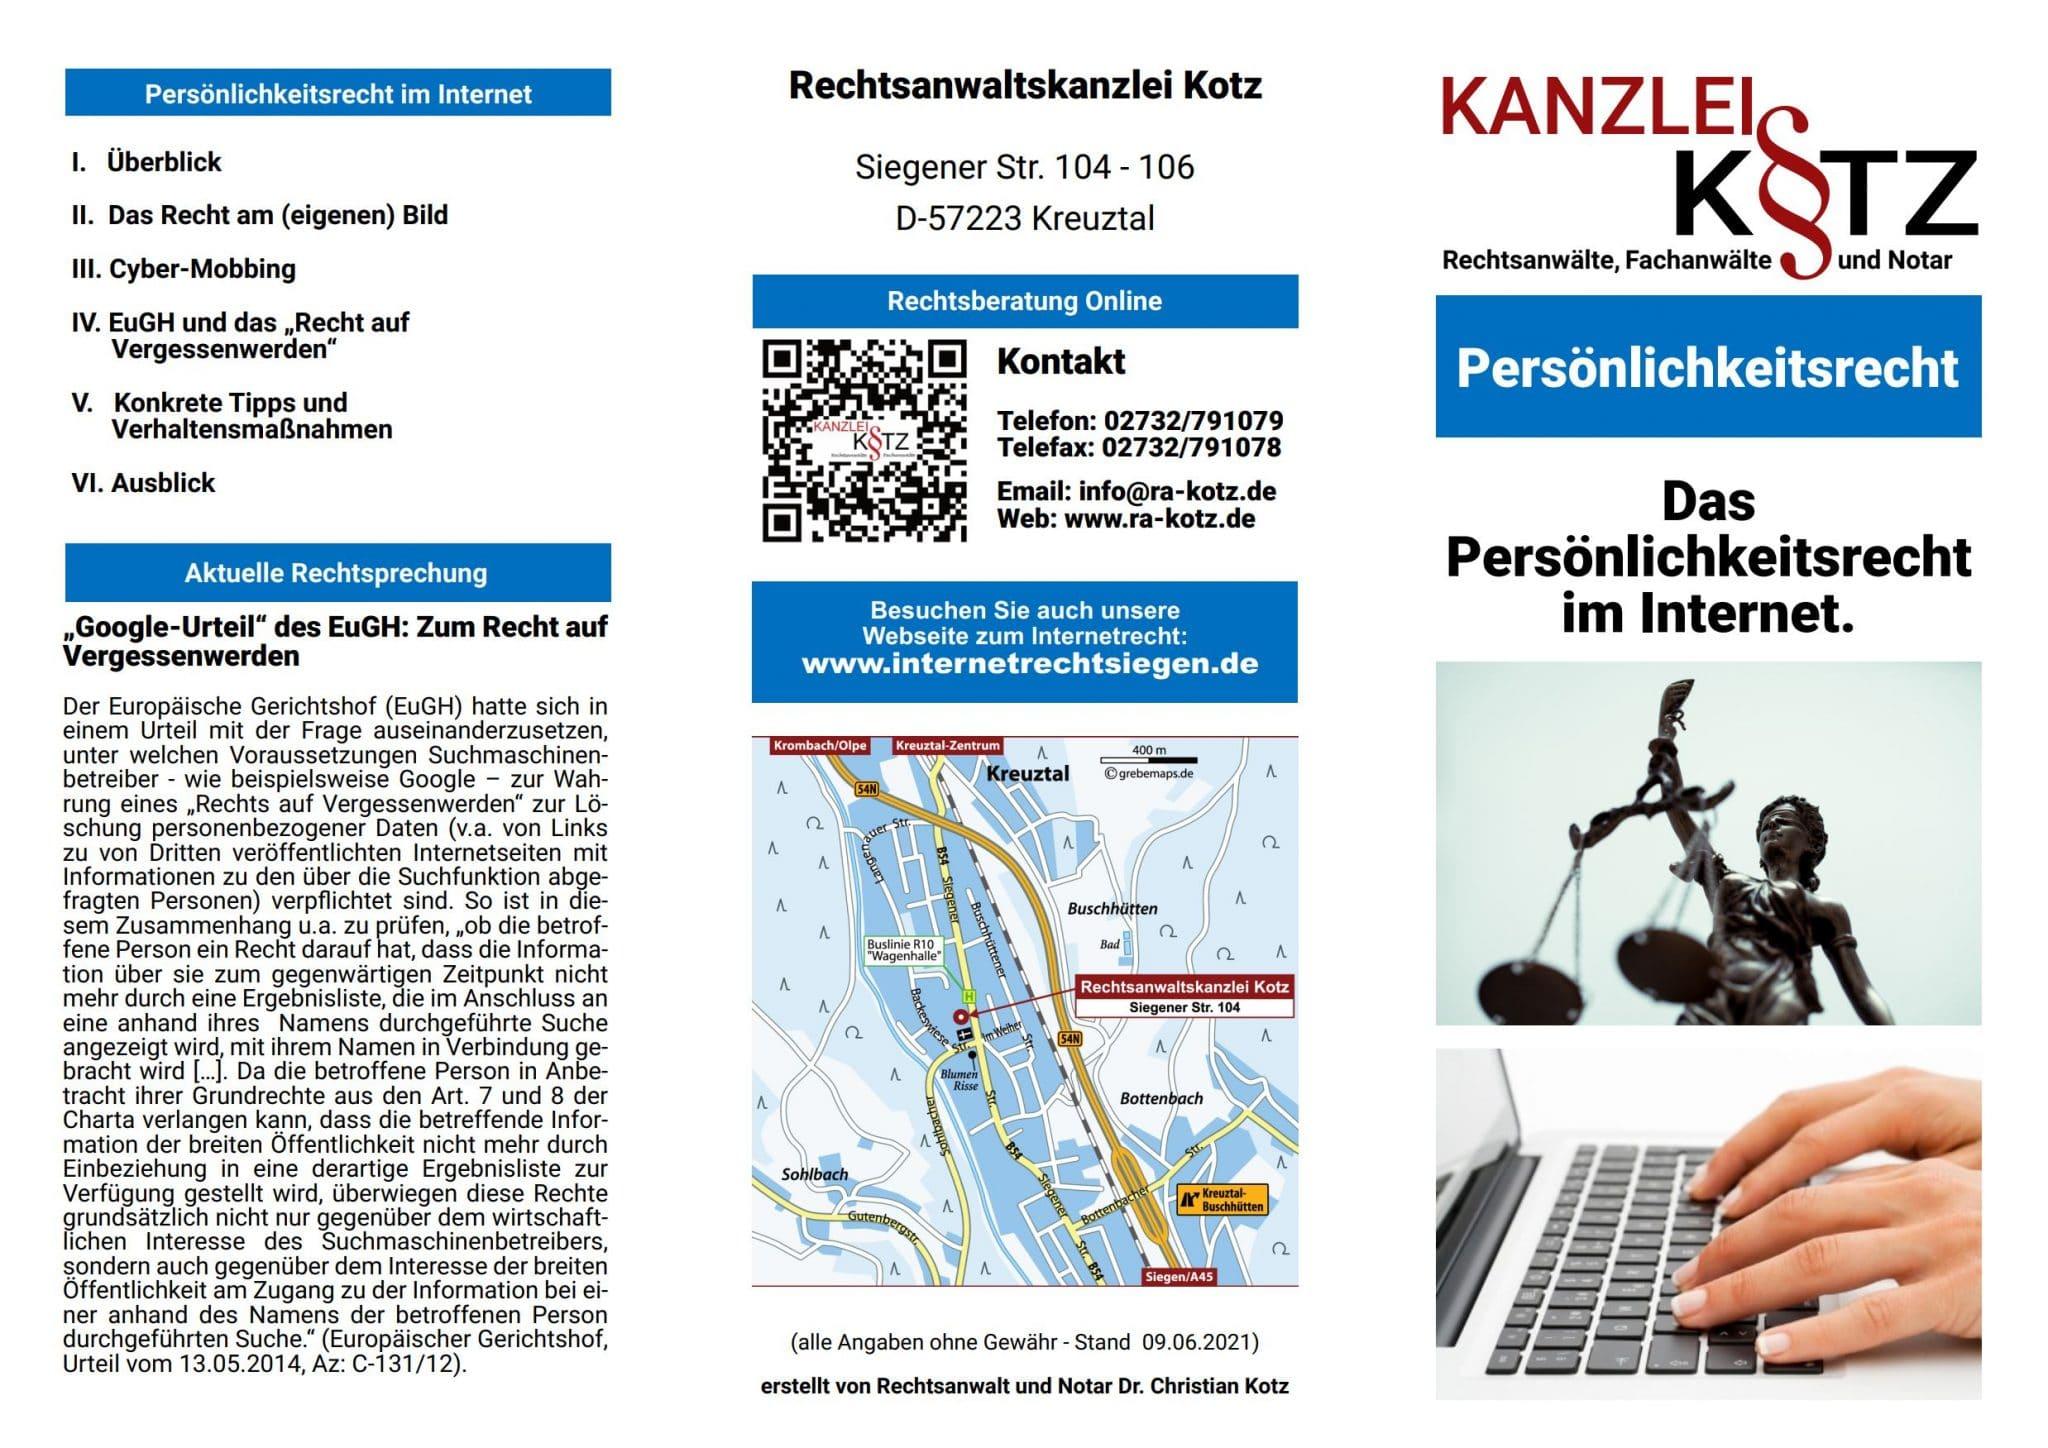 Persönlichkeitsrechte Broschüre 2021